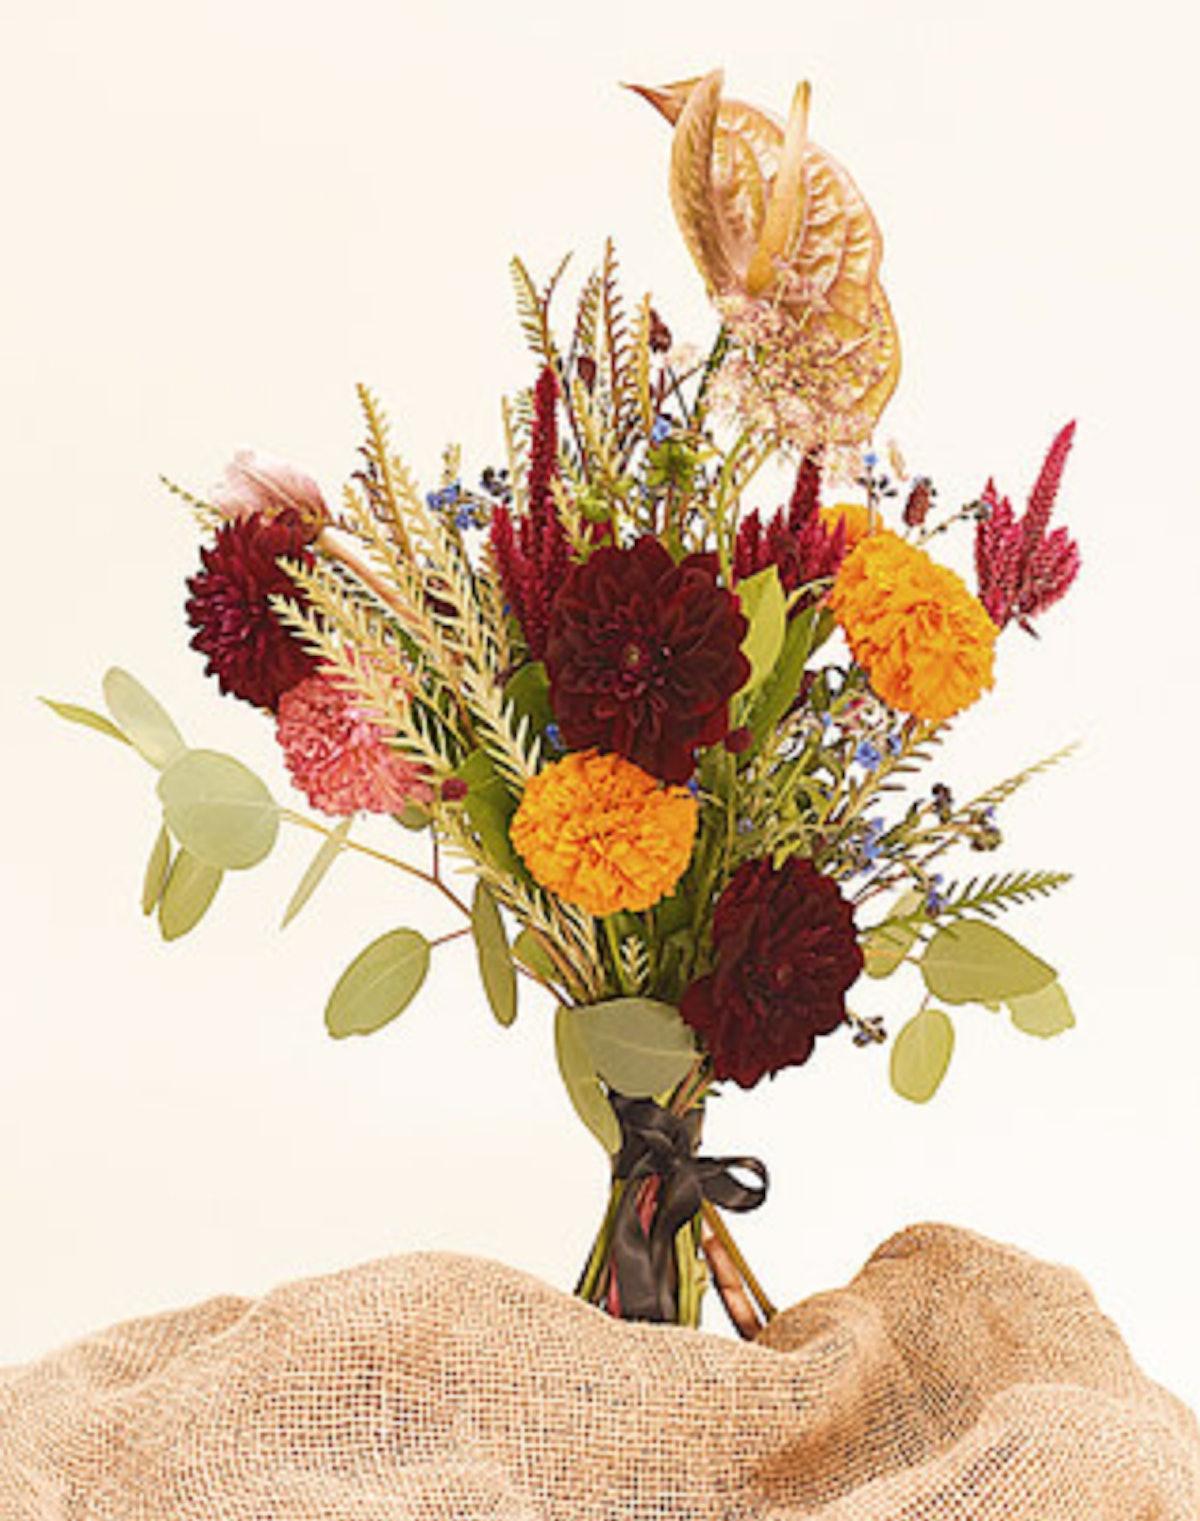 OLIVEE Floral Bouquet: Colorful